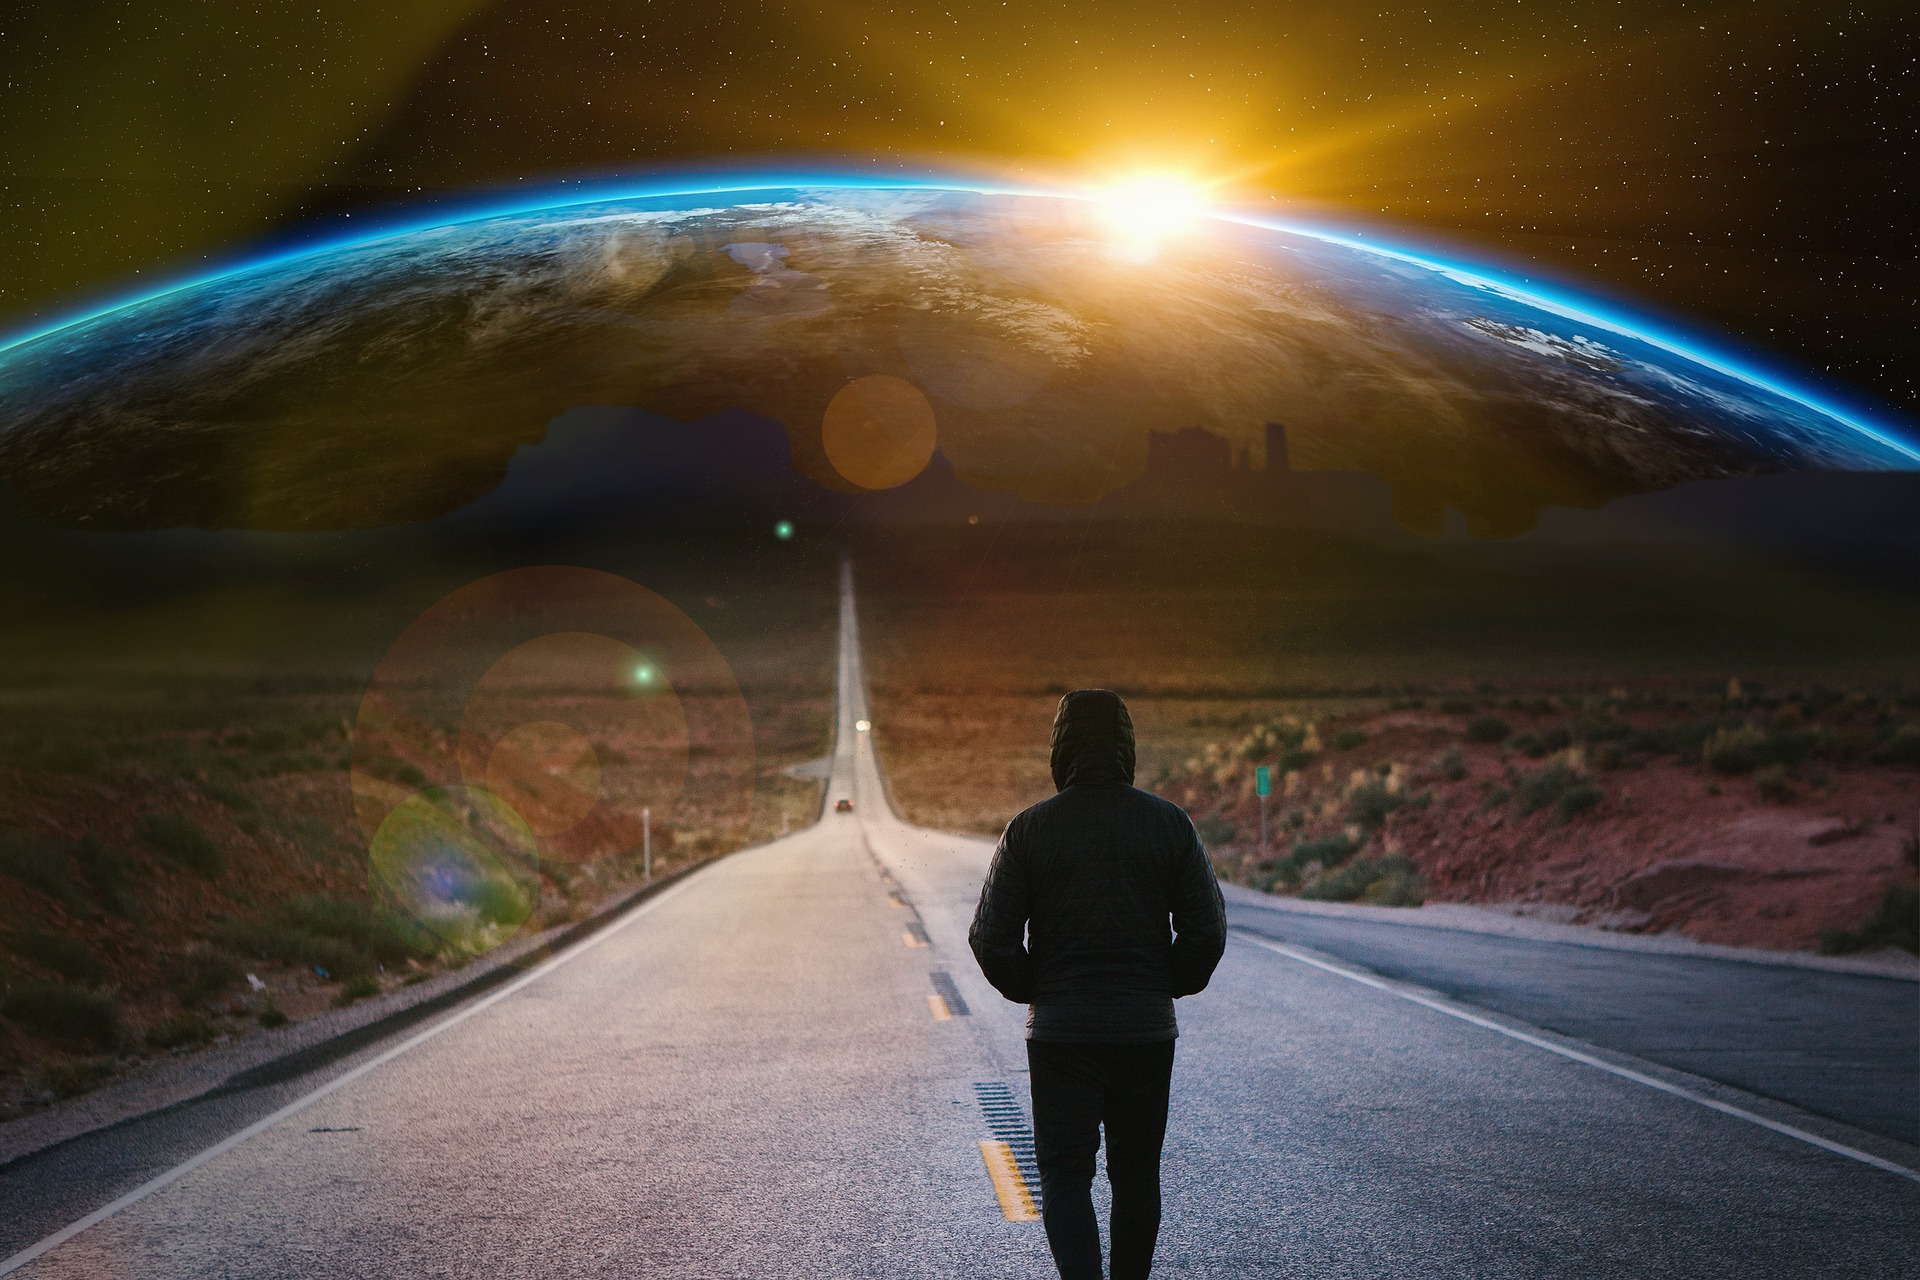 30代で無職になった男が地球に向かって果てしなく歩いているイメージ画像